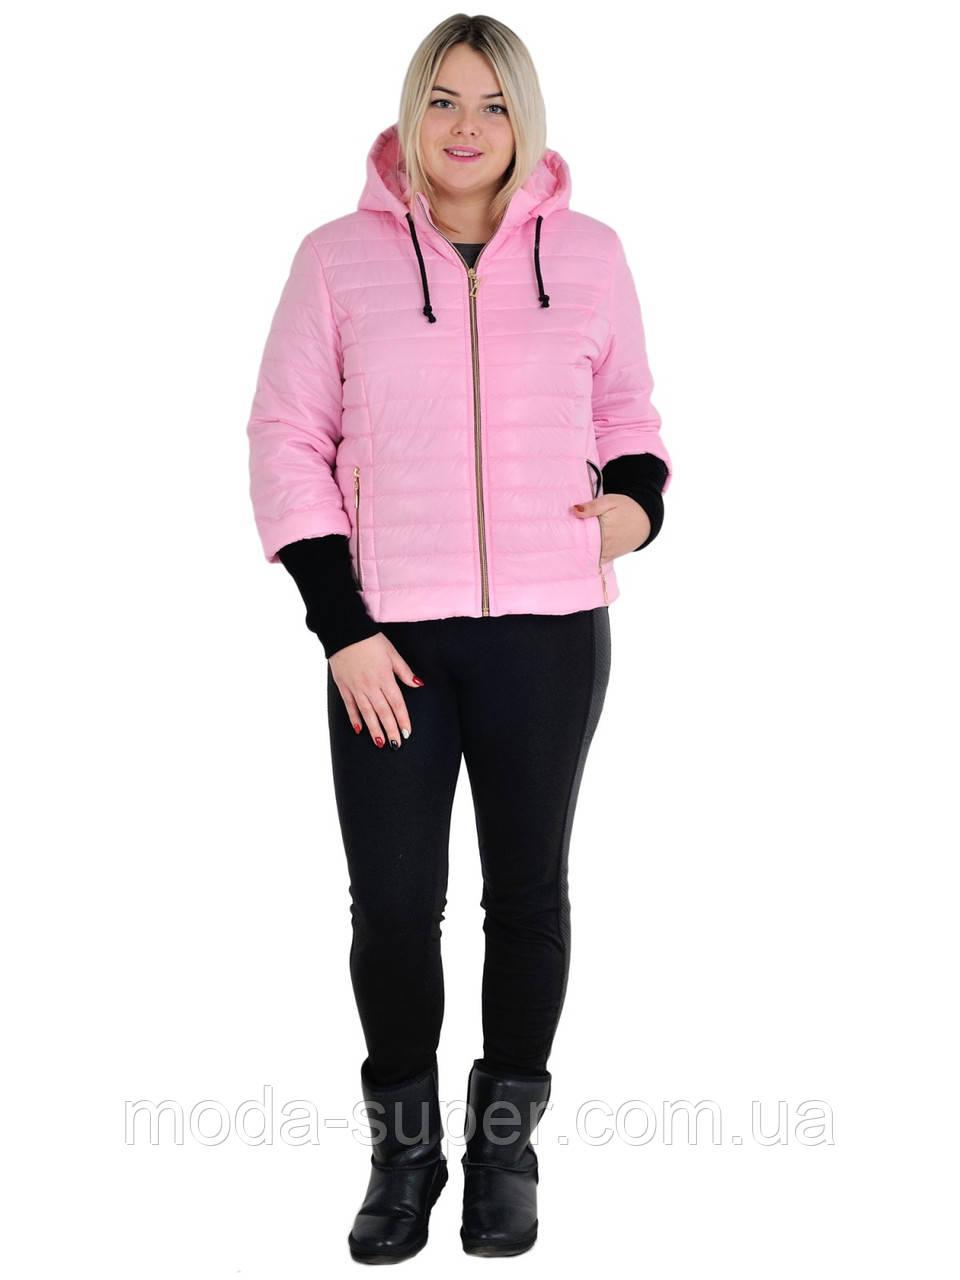 Куртка женская весенняя с рукавом довяз размеры 44 - 54